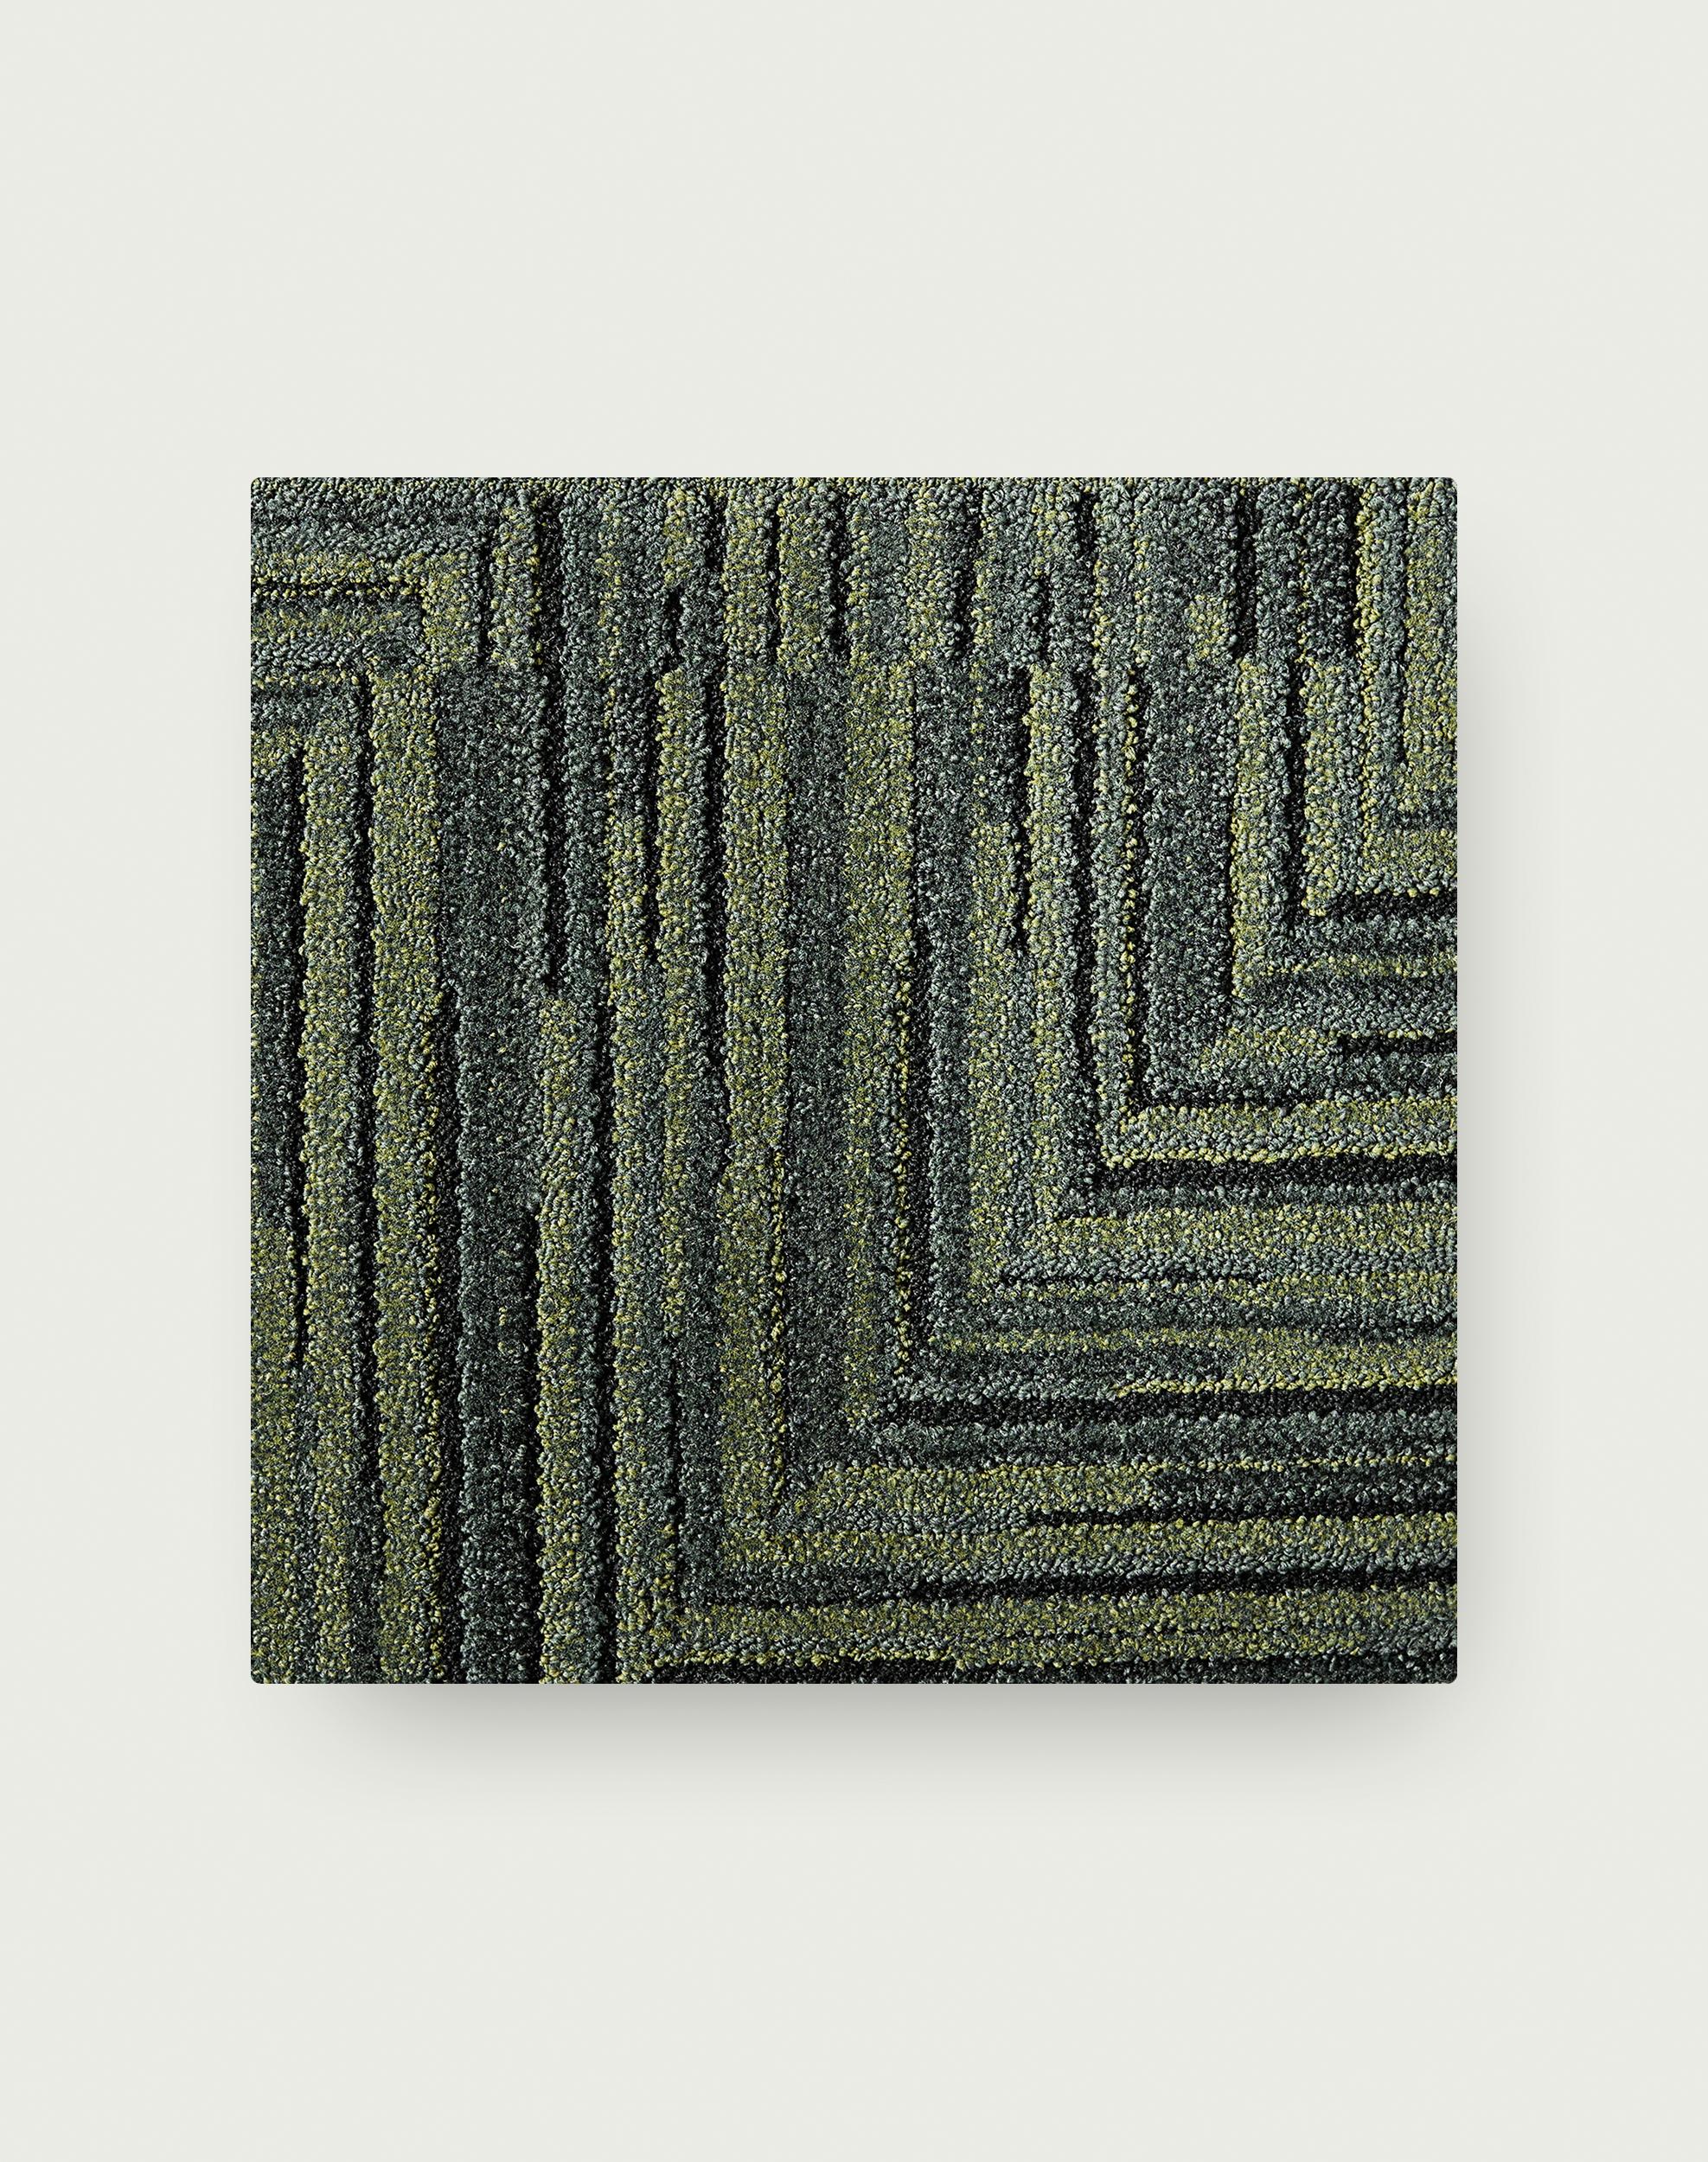 Boardwalk - Kale